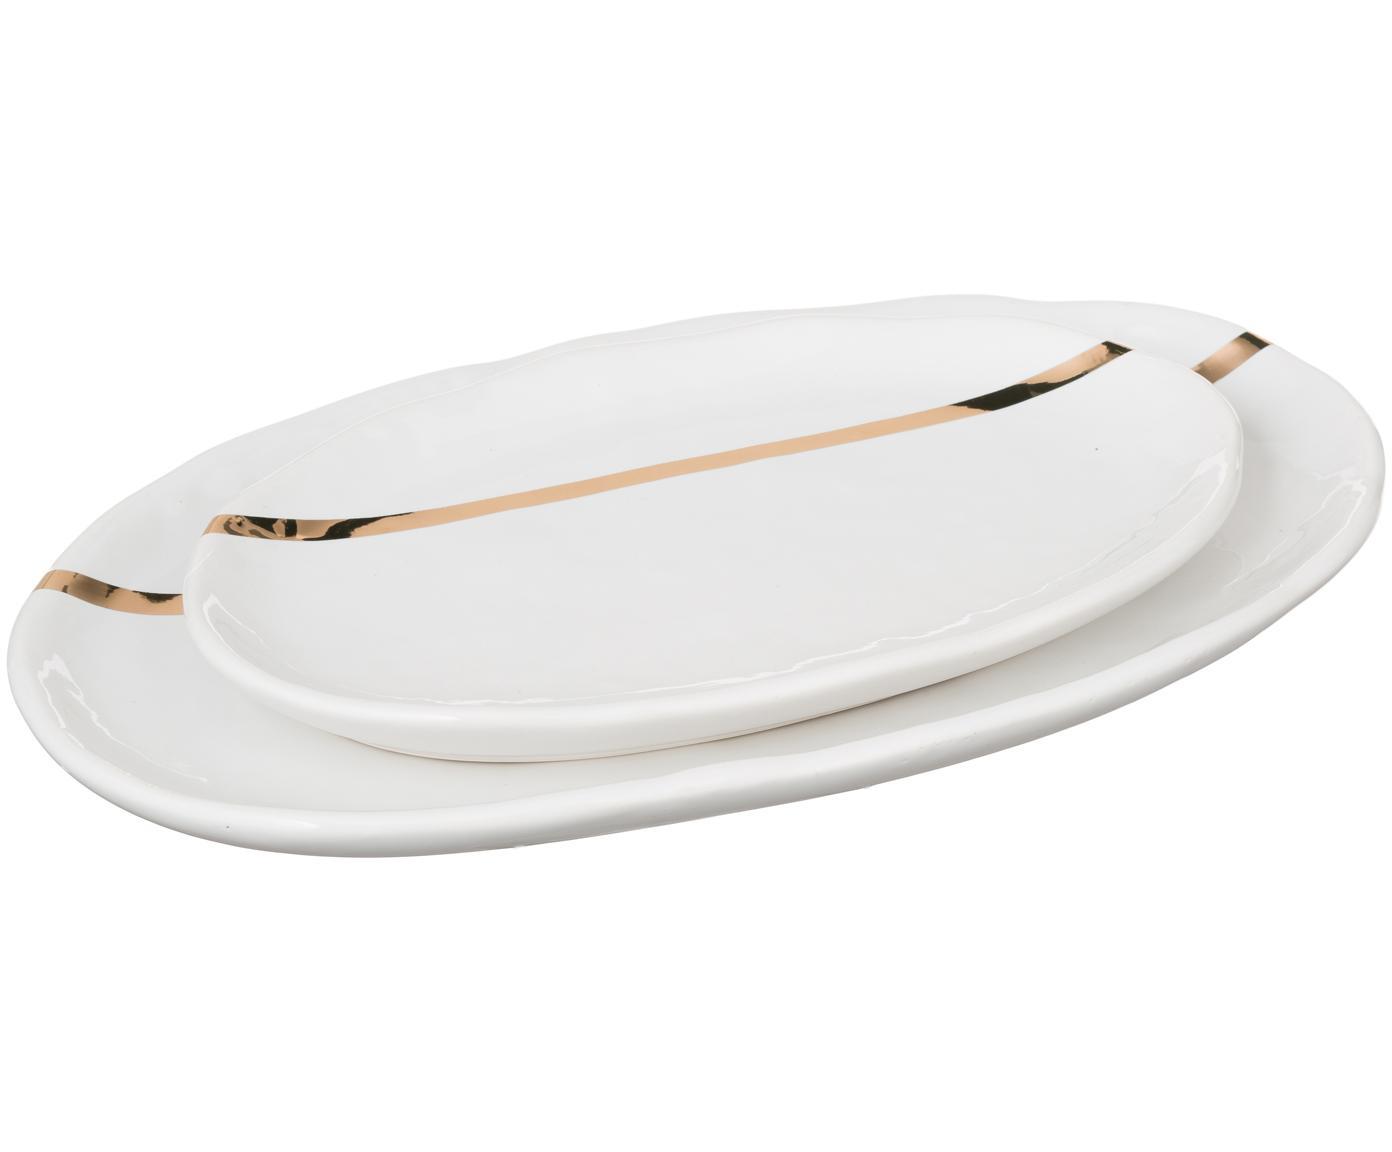 Serveerplateausset Aruna, 2-delig, Porselein, Wit, goudkleurig, Verschillende formaten